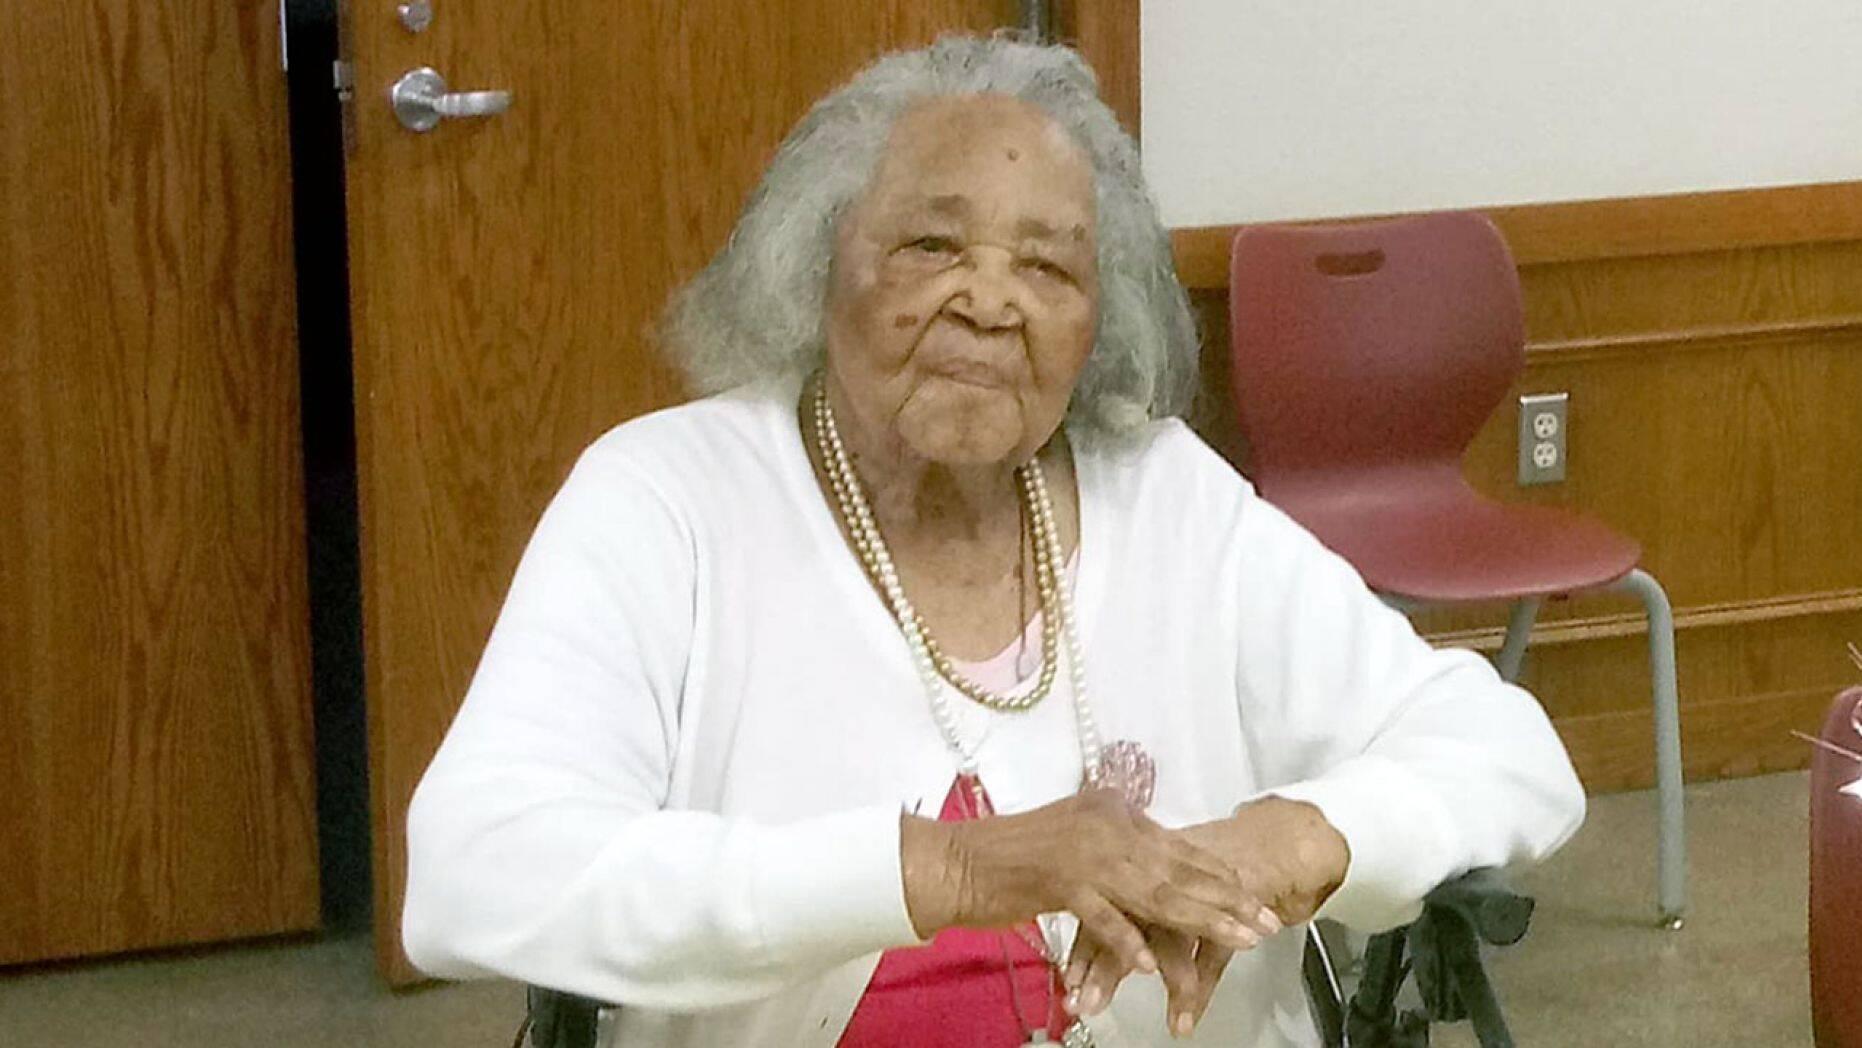 Pastora de 105 anos continua pregando semanalmente em sua igreja